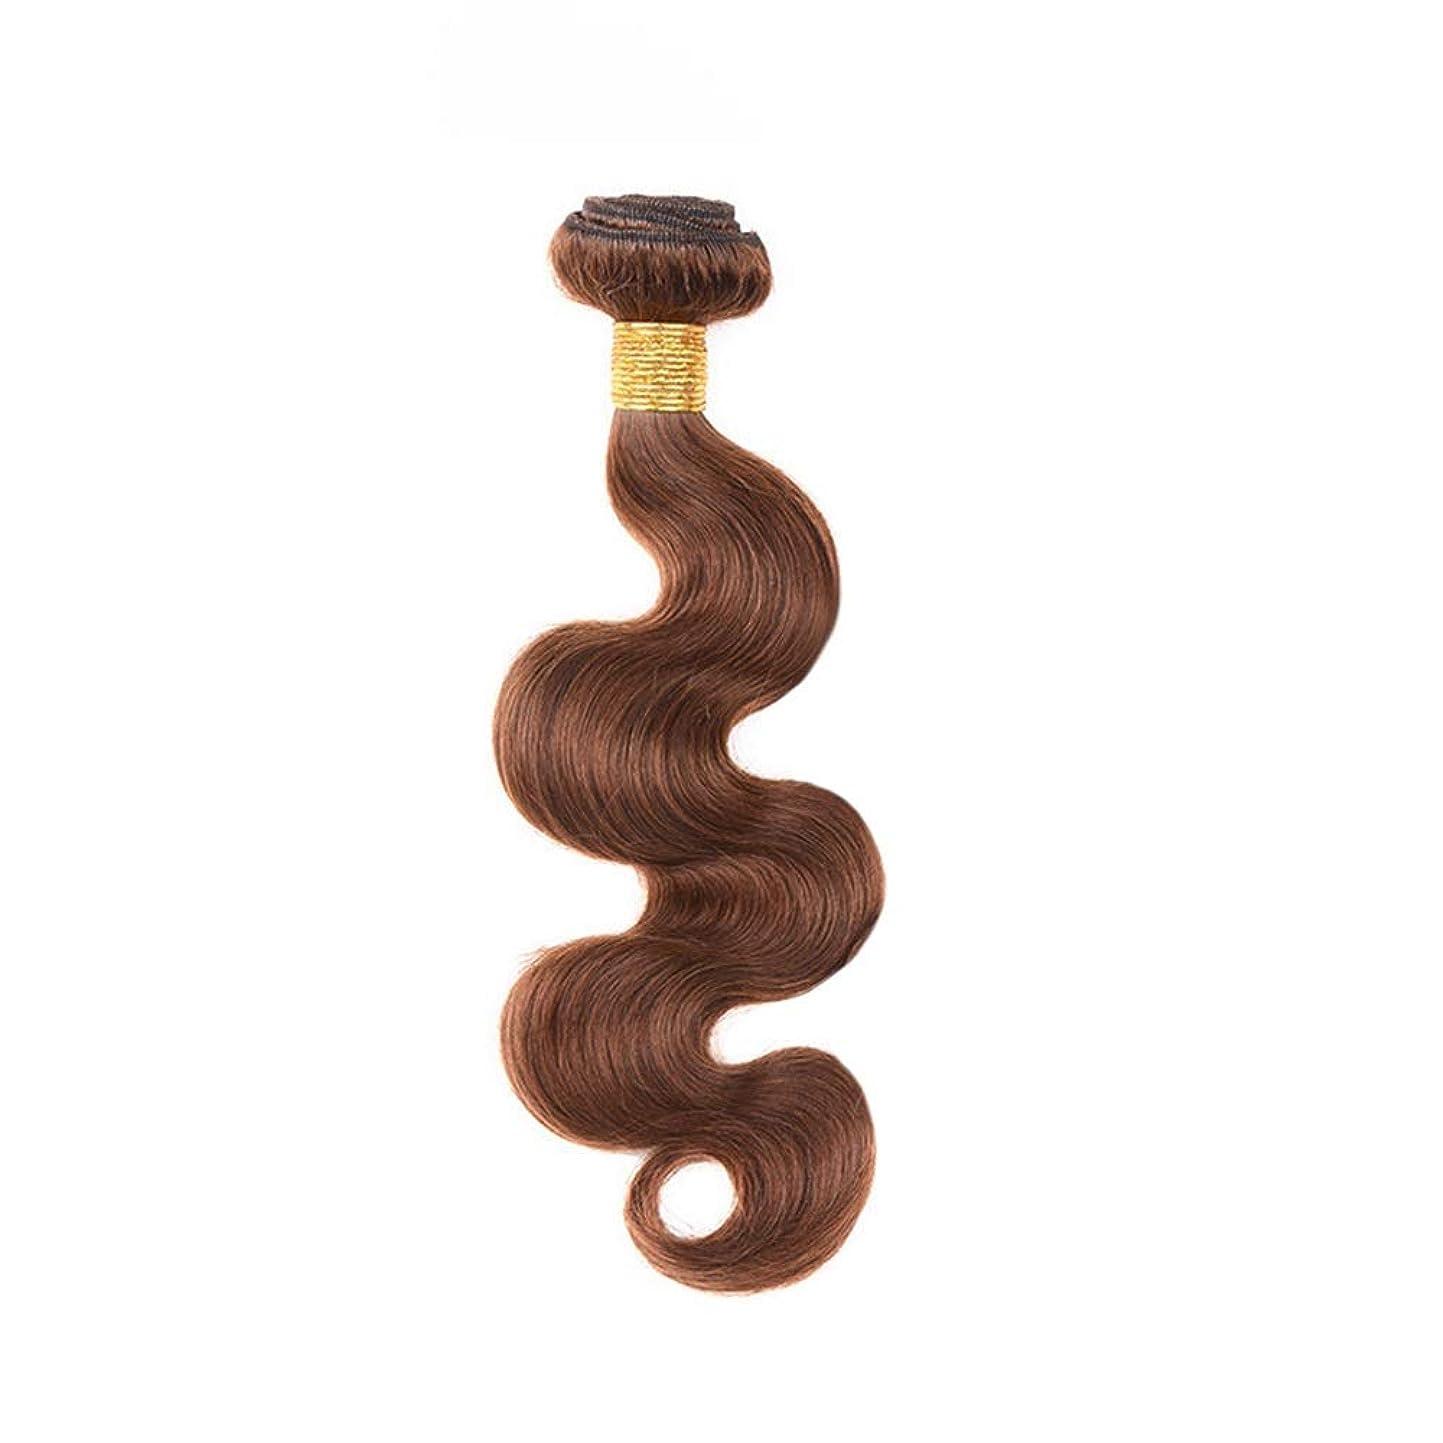 ウォーターフロント明るい敏感なYESONEEP 茶色の人間の髪織りバンドルリアルレミーナチュラルヘアエクステンション横糸 - 実体波 - 4#ブラウン(1バンドル、10インチ-24インチ、100g)合成髪レースかつらロールプレイングウィッグロング&ショート女性自然 (色 : ブラウン, サイズ : 12 inch)